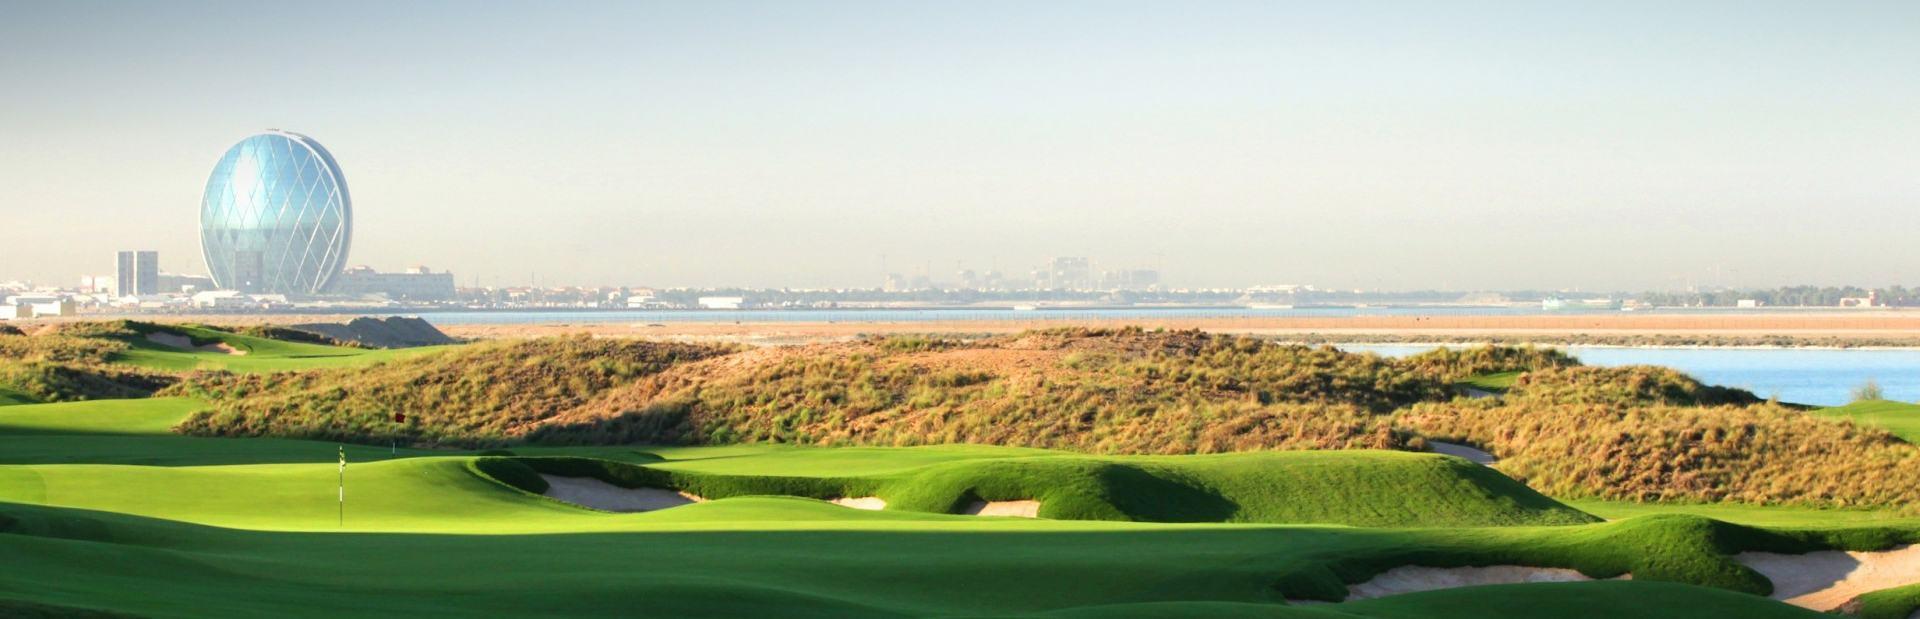 Yas Links Abu Dhabi Image 1